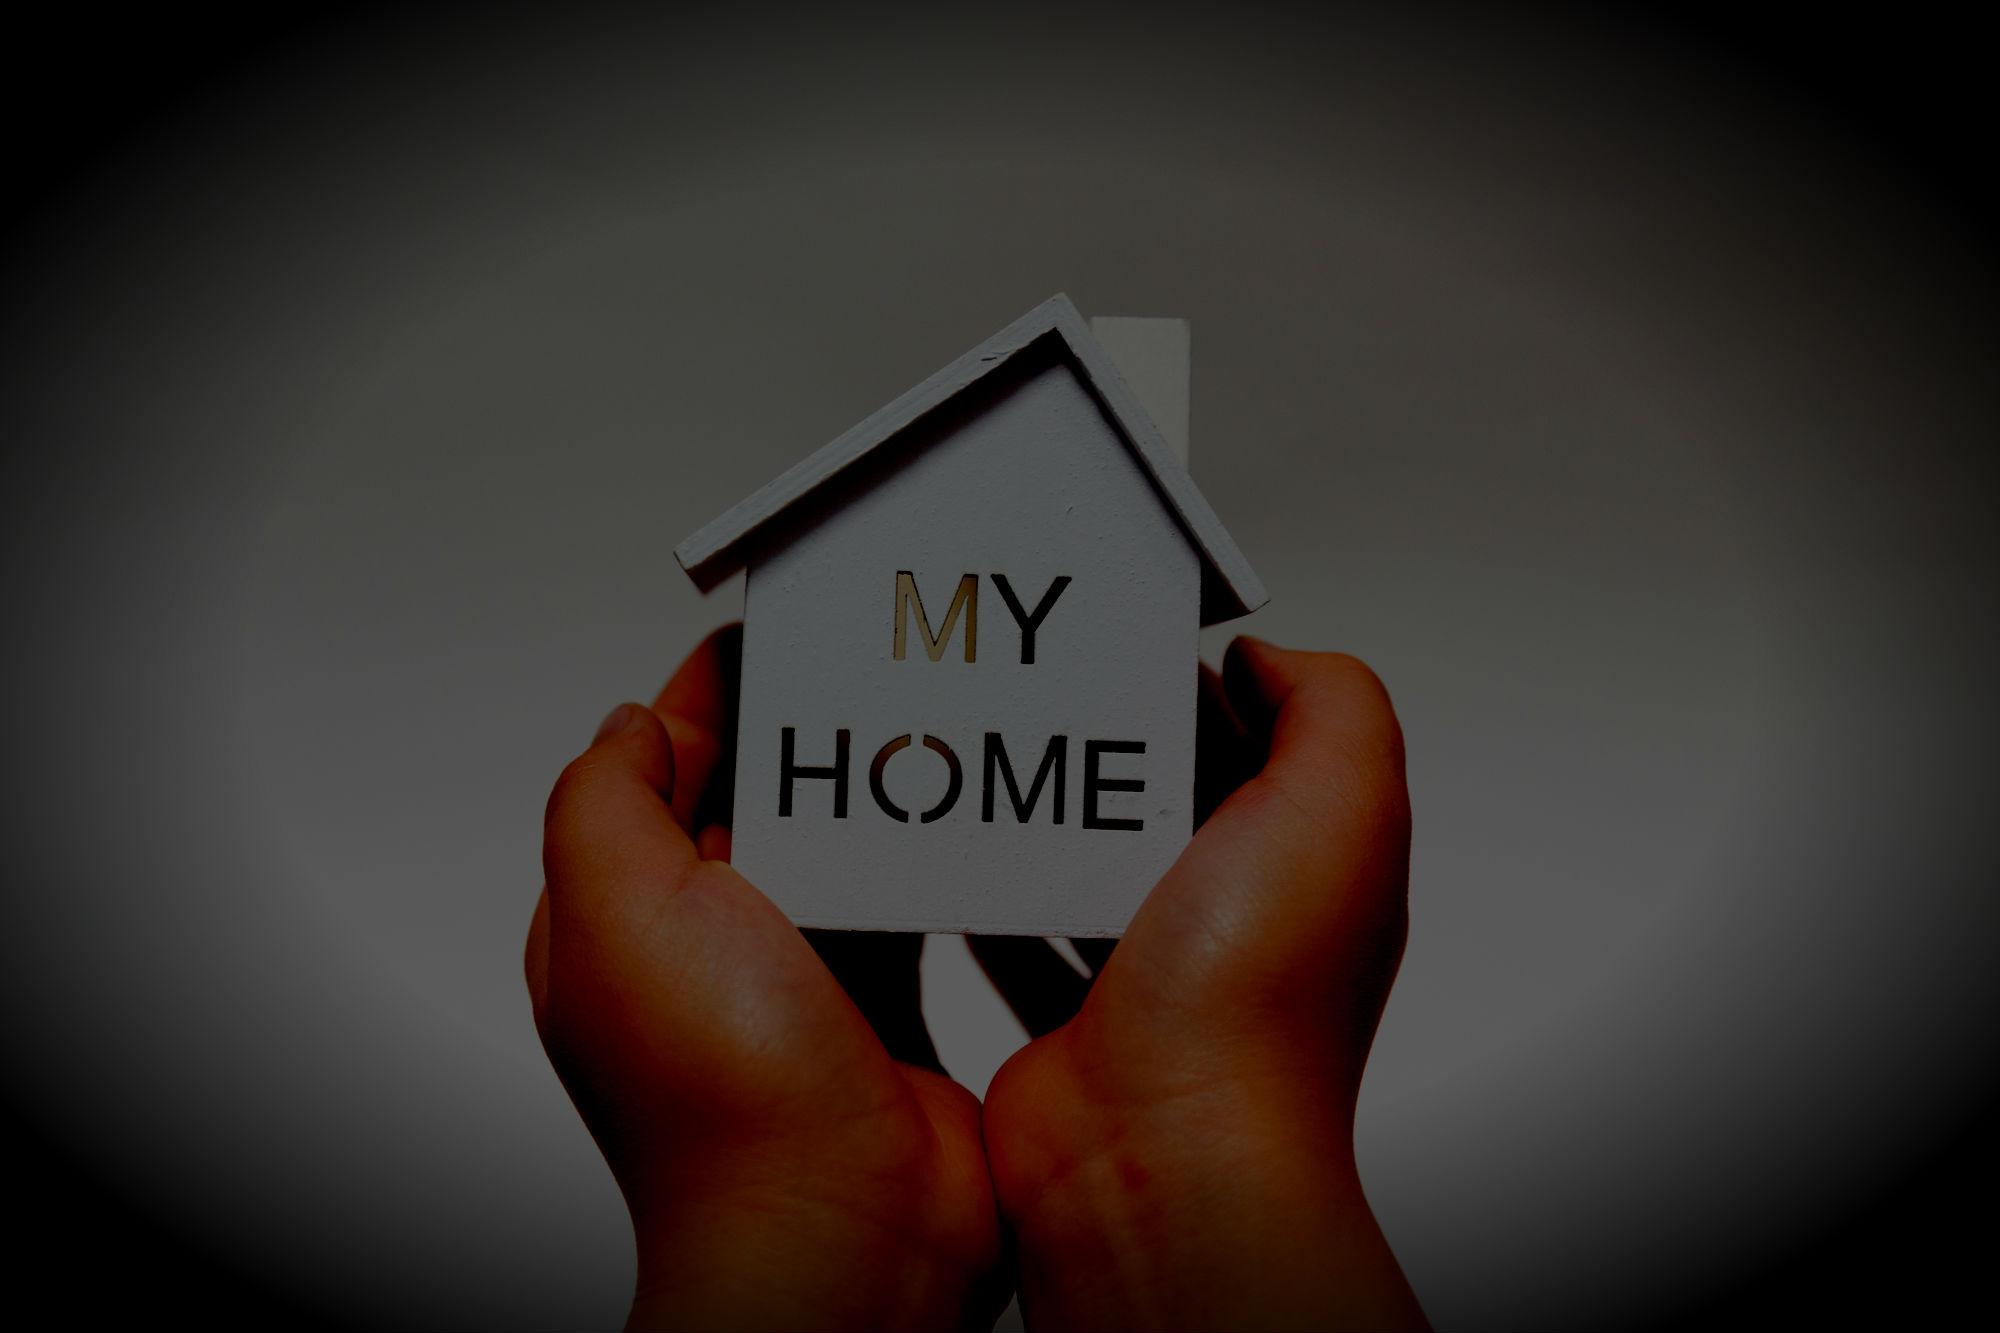 夫が借金を苦に自殺…妻が「所有権半分の自宅」を売却した方法